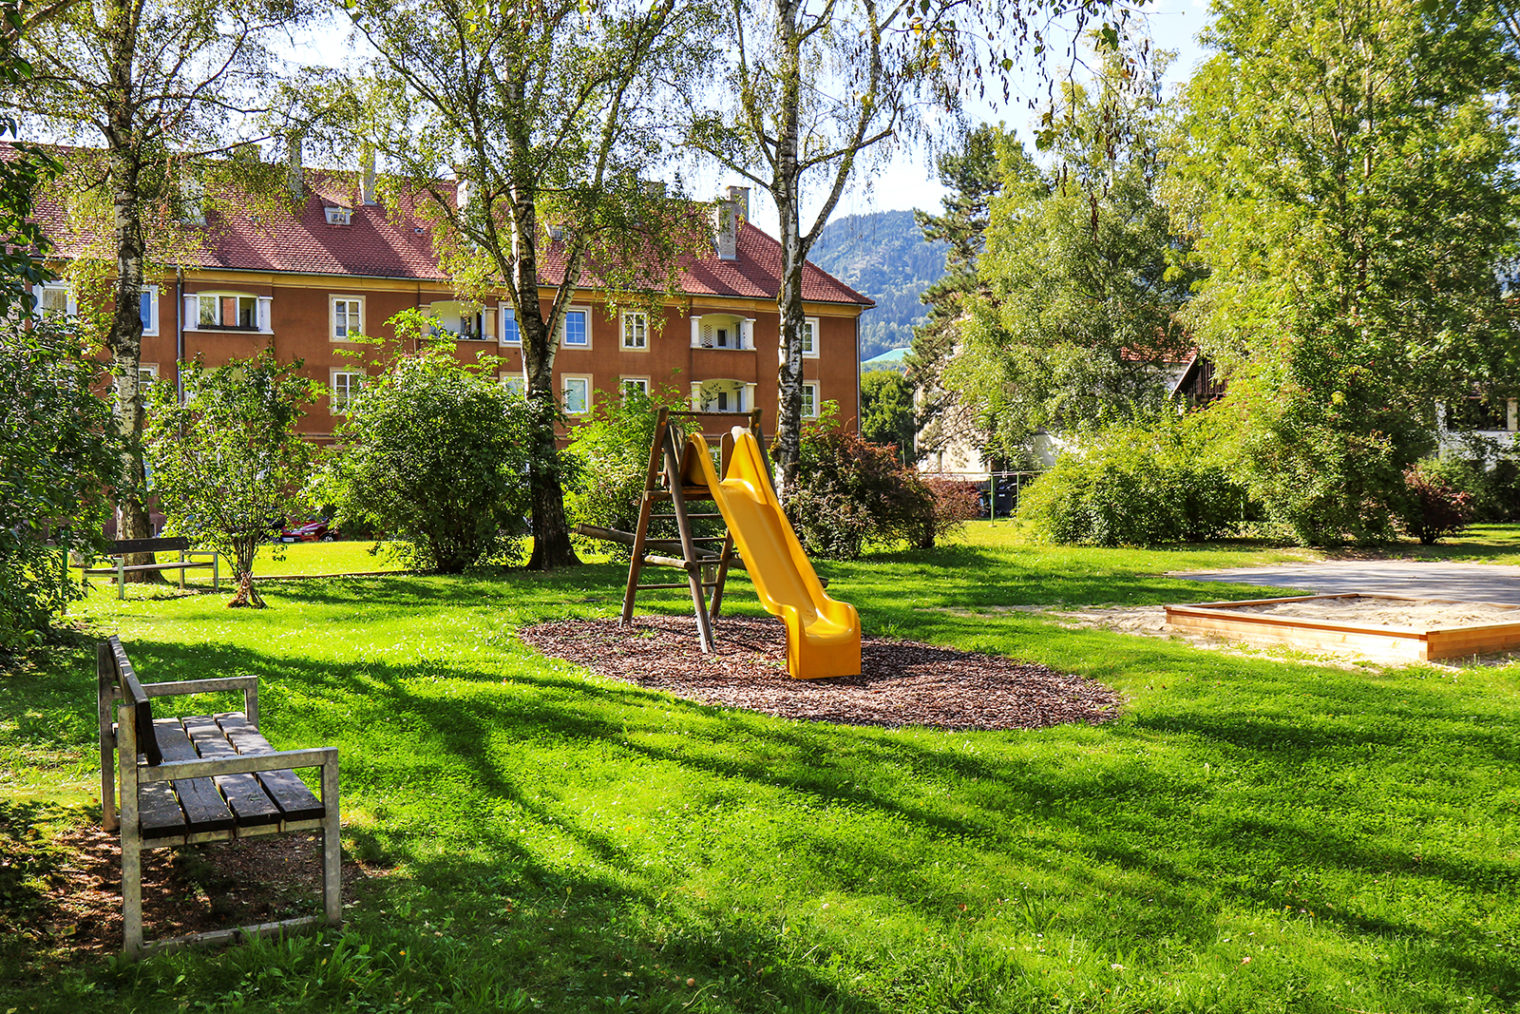 Play equipment at the Südtiroler Hof playground